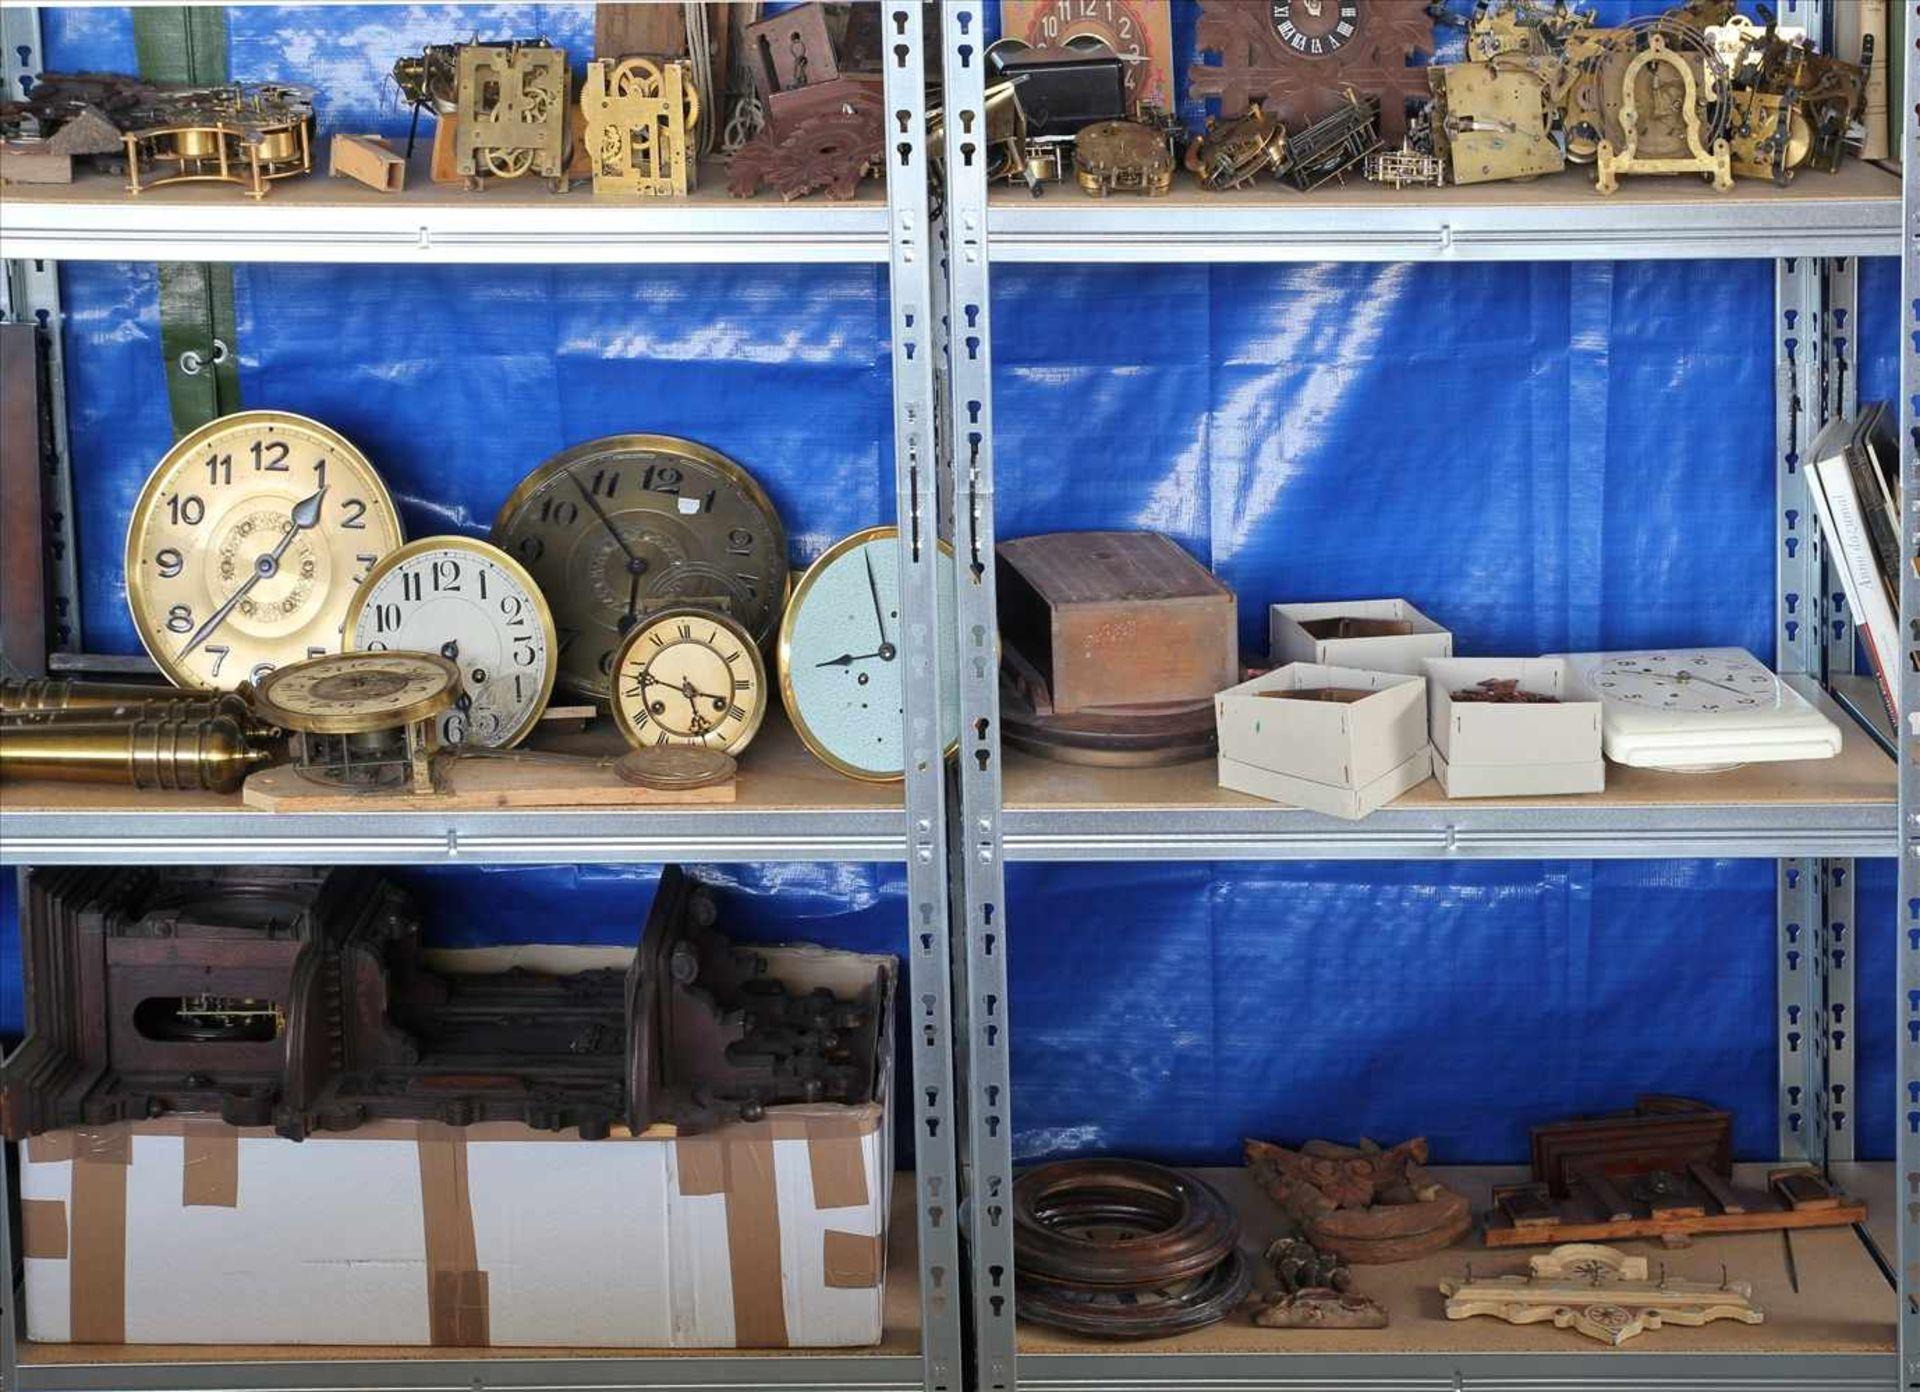 Los 26 - Konvolut UhrenersatzteileInhalt in zwei Regalen (Regale gehören nicht zum Auktionsumfang). Teils 19.